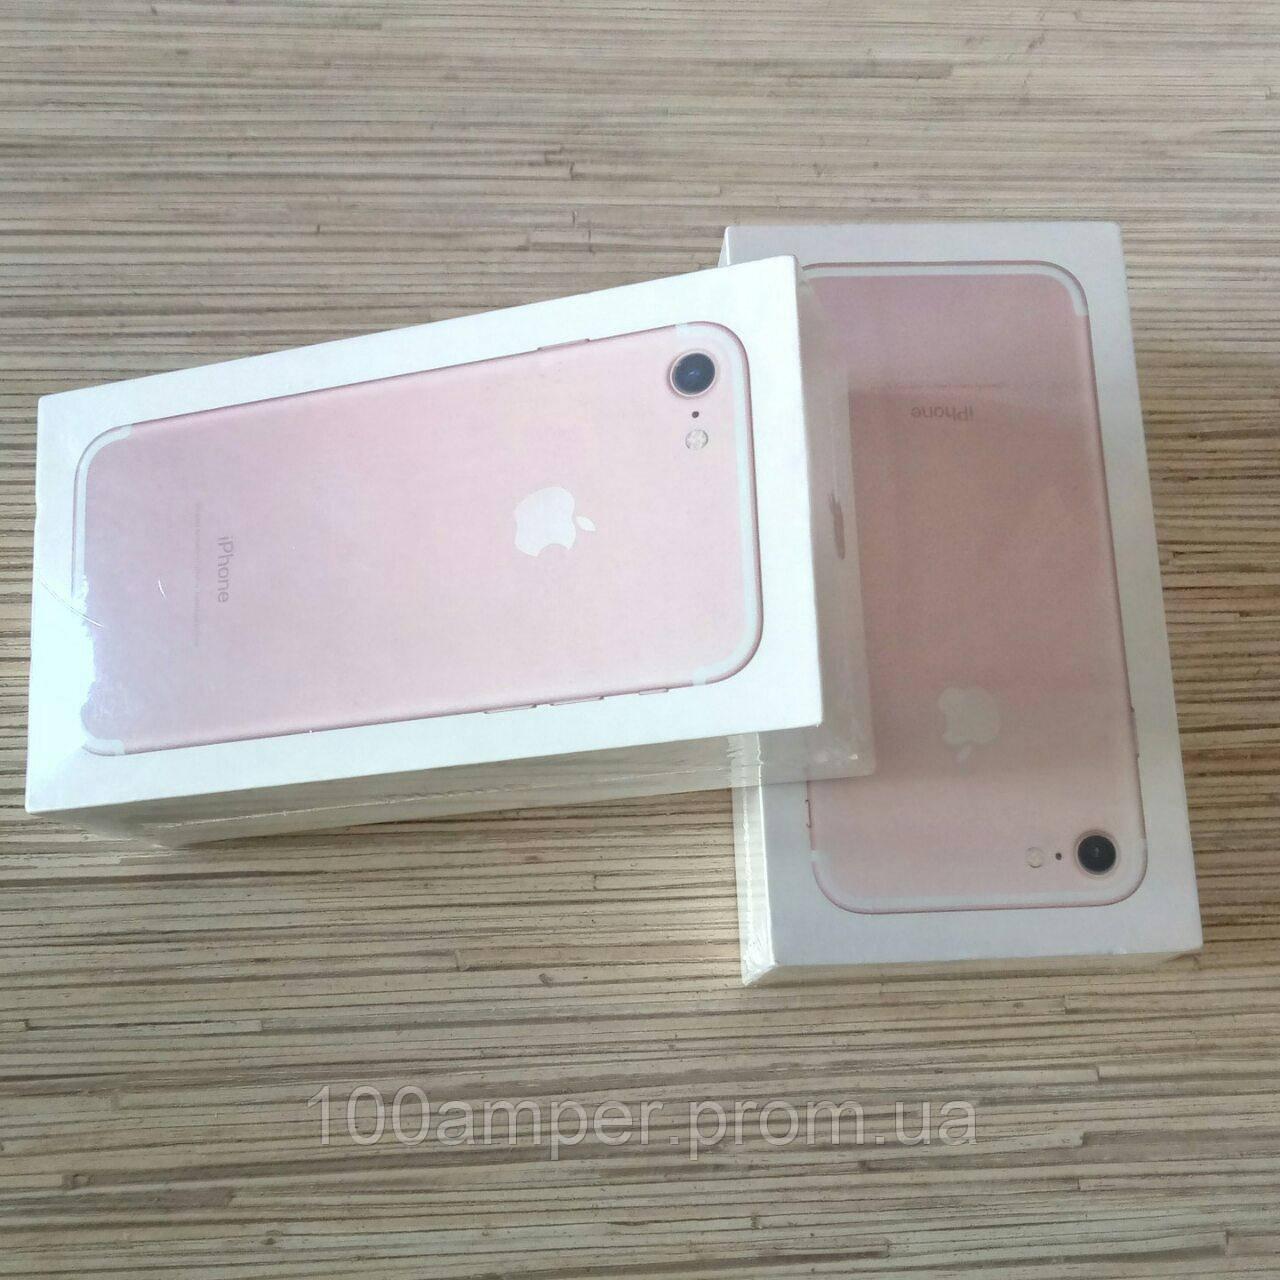 IPhone 7 128GB (Rose) Оригинал из США